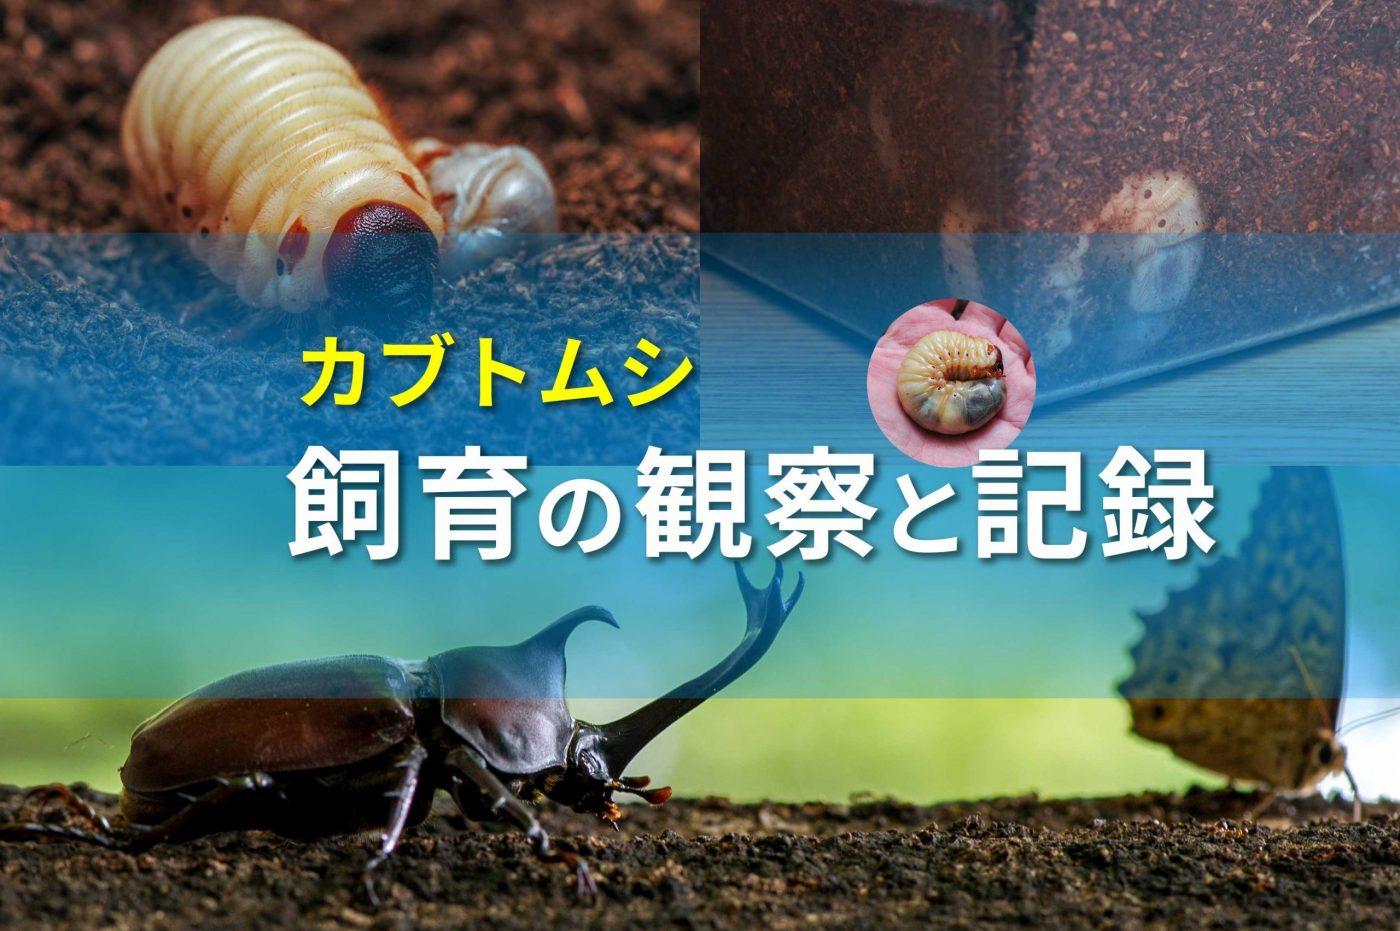 カブトムシ飼育記録のバナー